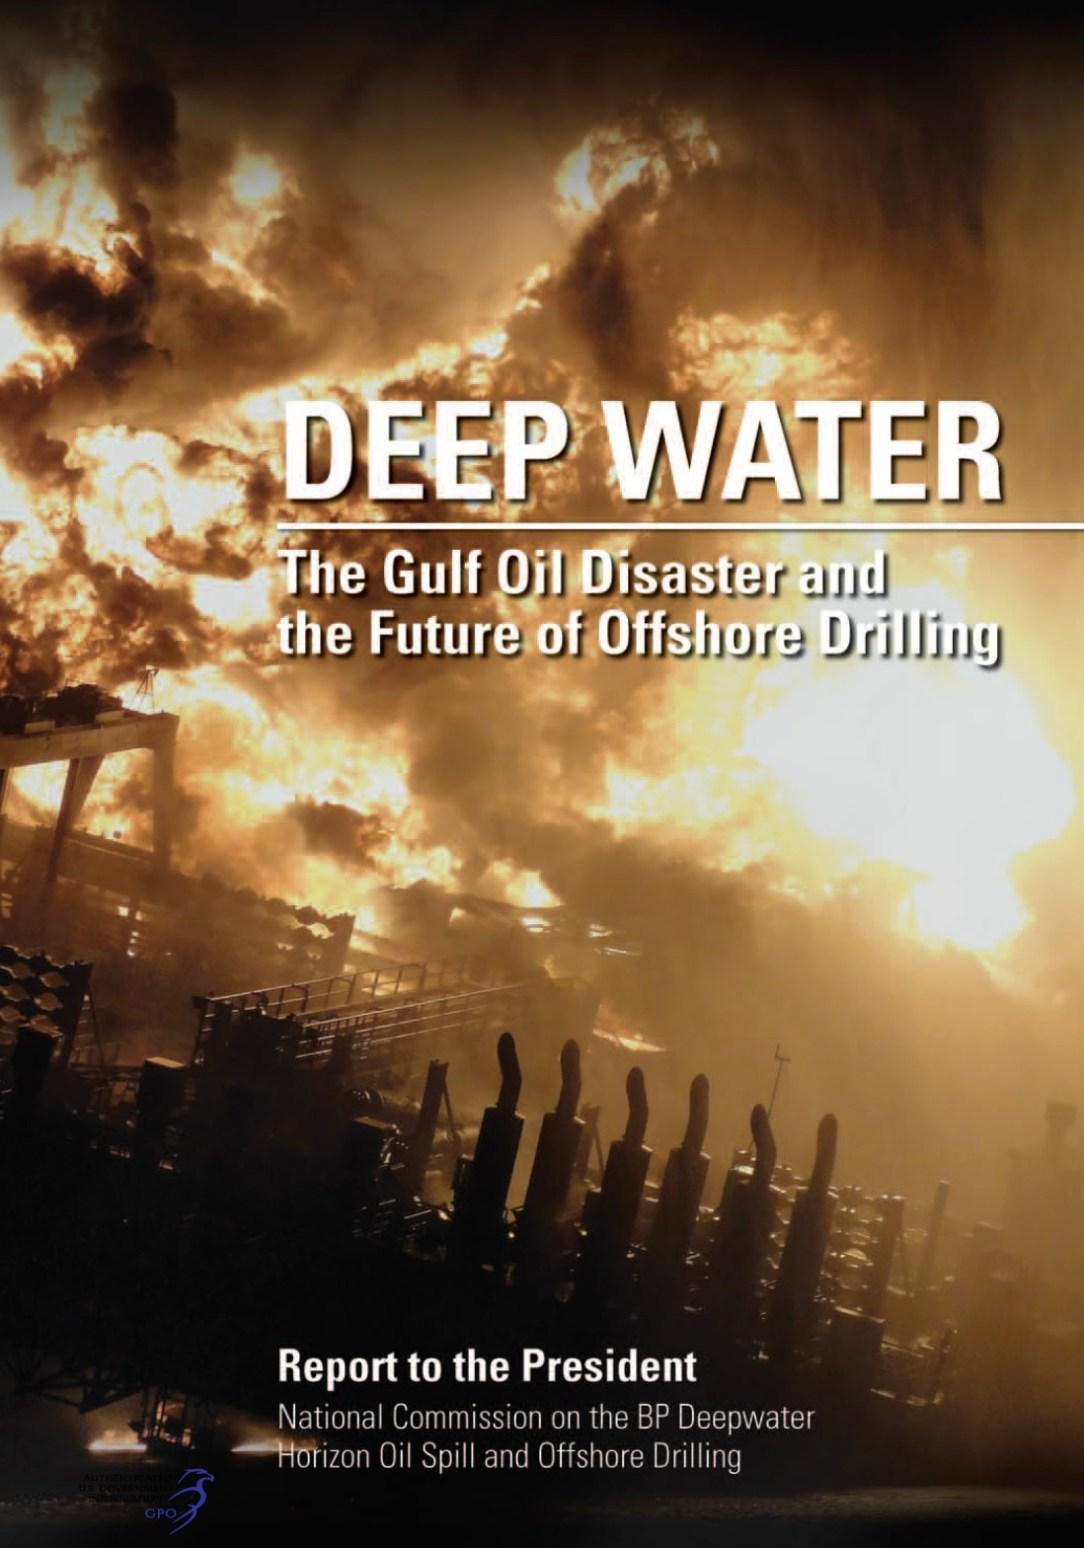 DeepwaterReport